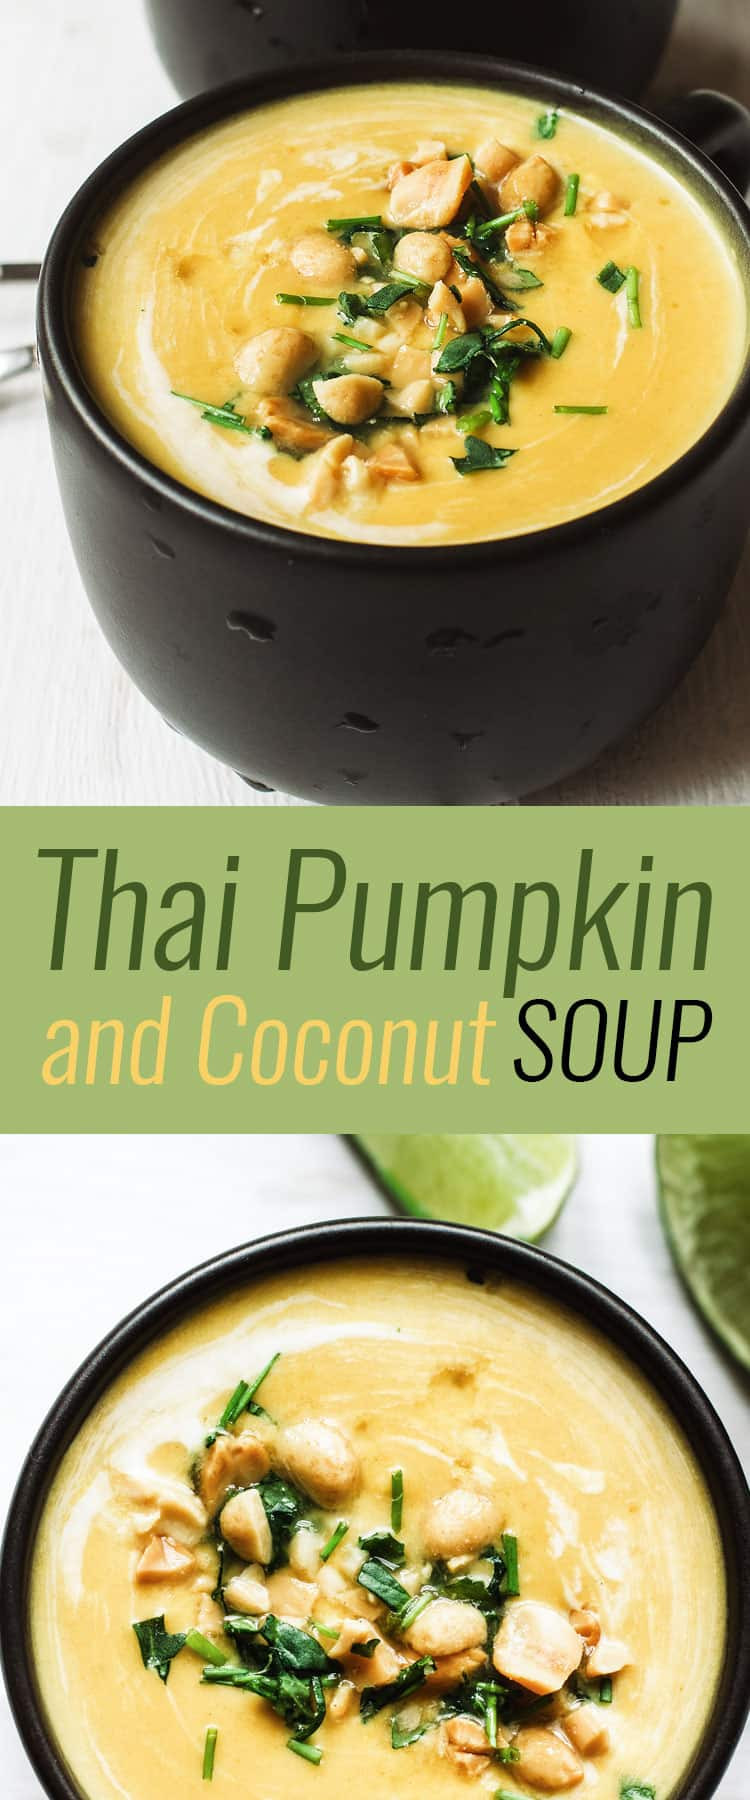 Thai Coconut Soup Recipes  Thai Pumpkin and Coconut Soup